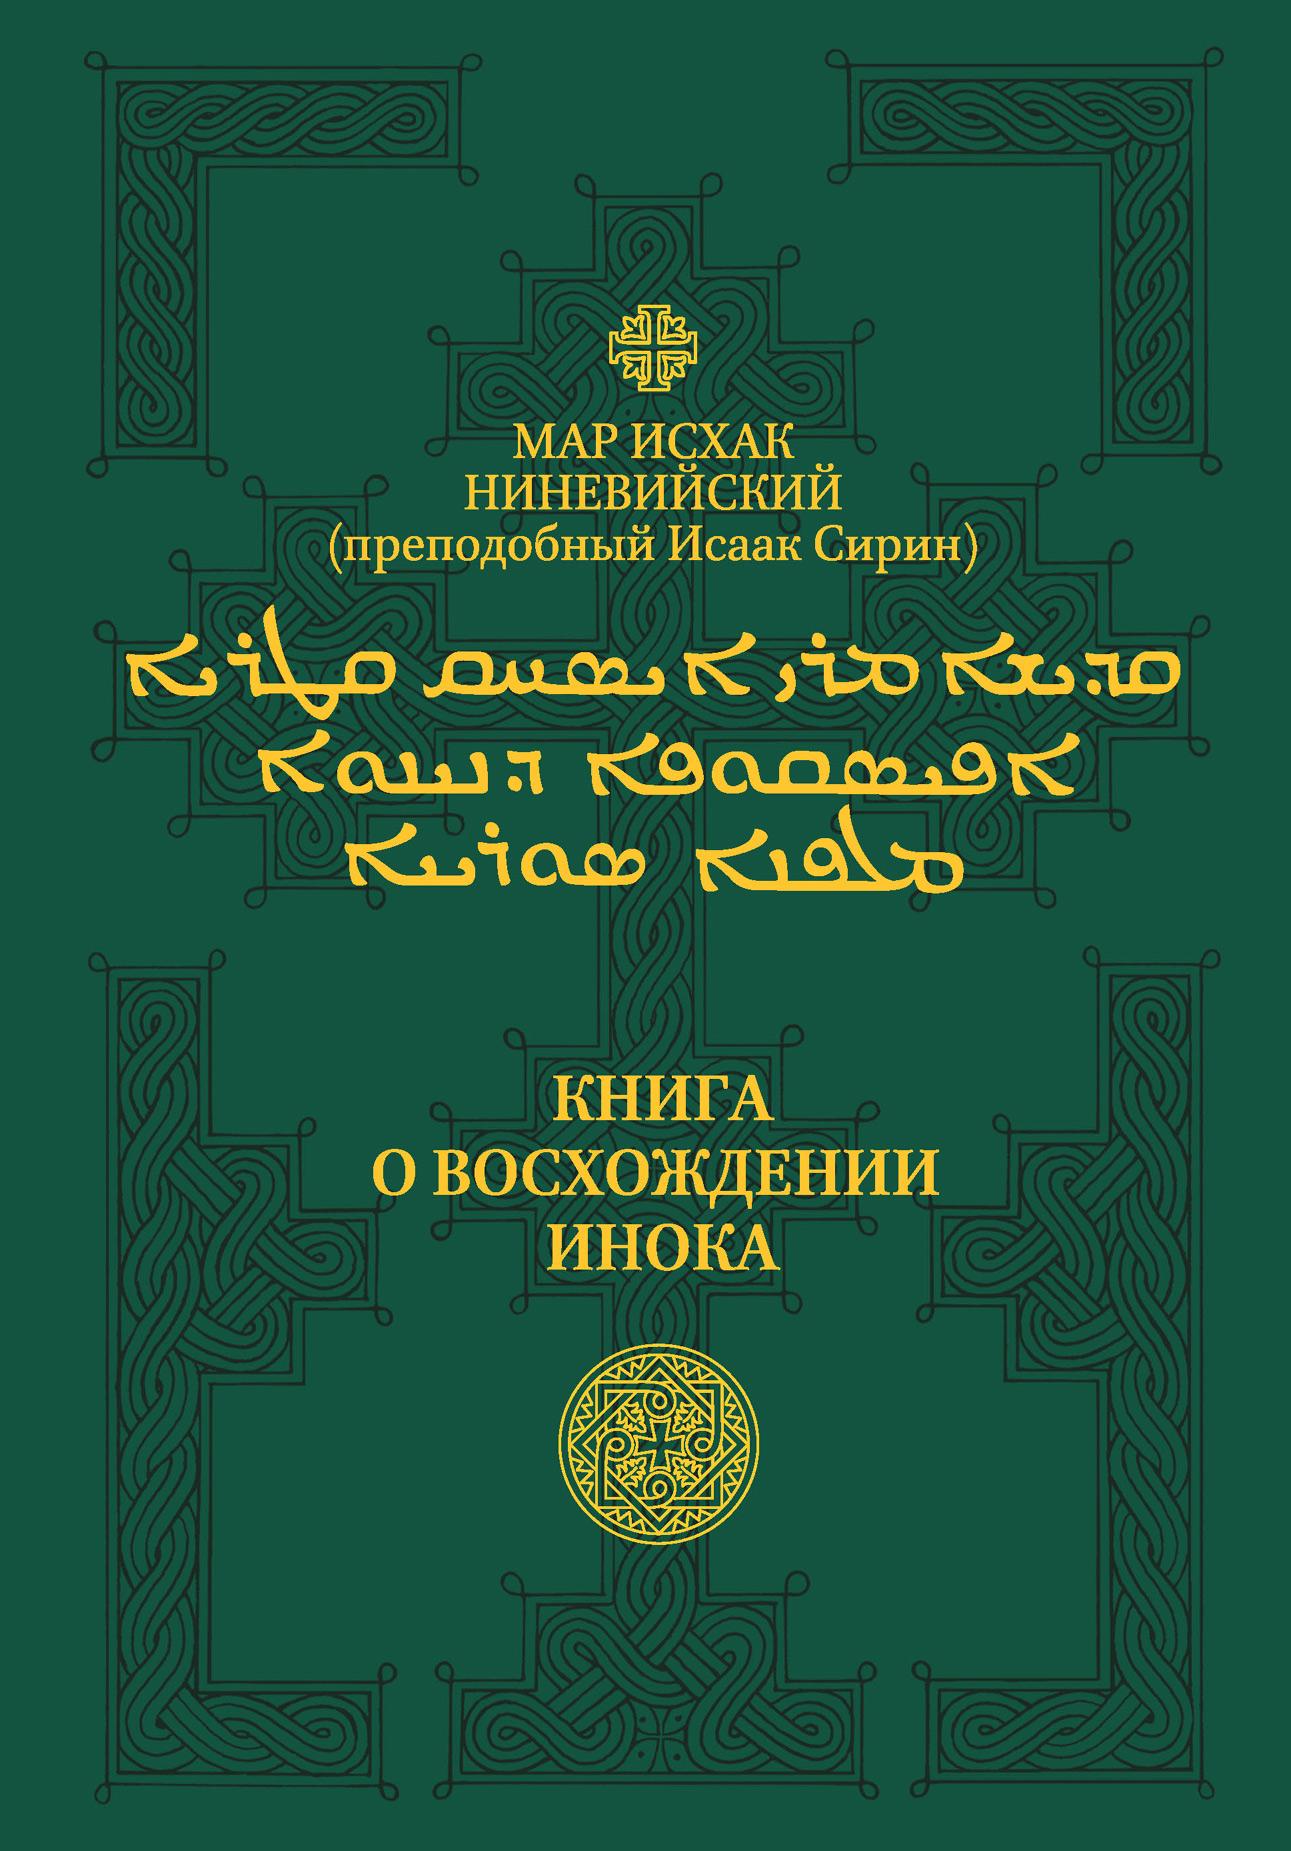 Книга о восхождении инока. Первое собрание (трактаты I—VI)